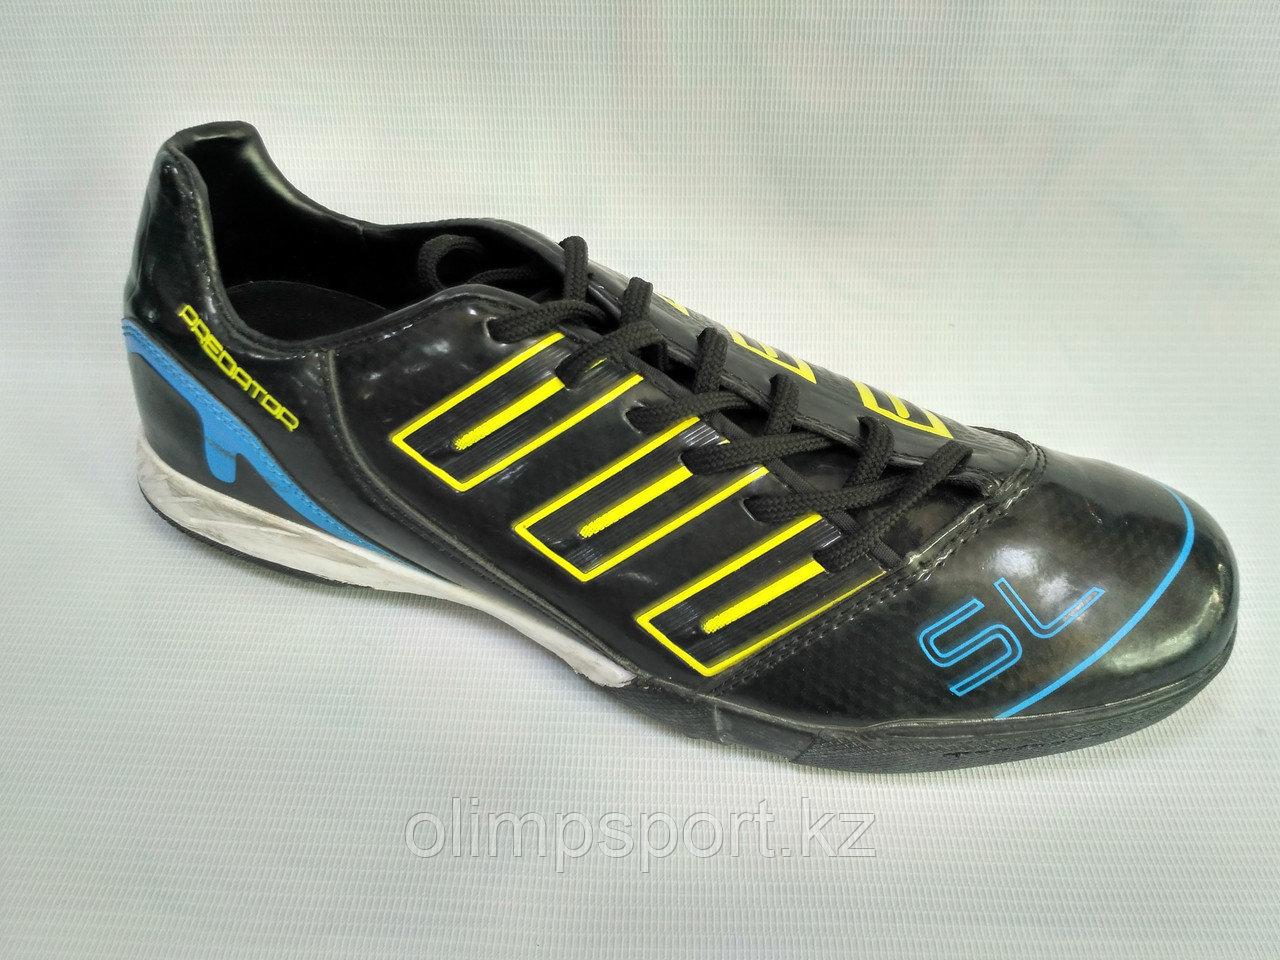 Обувь для футбола, сороконожки Adidas Predator Sl, черные